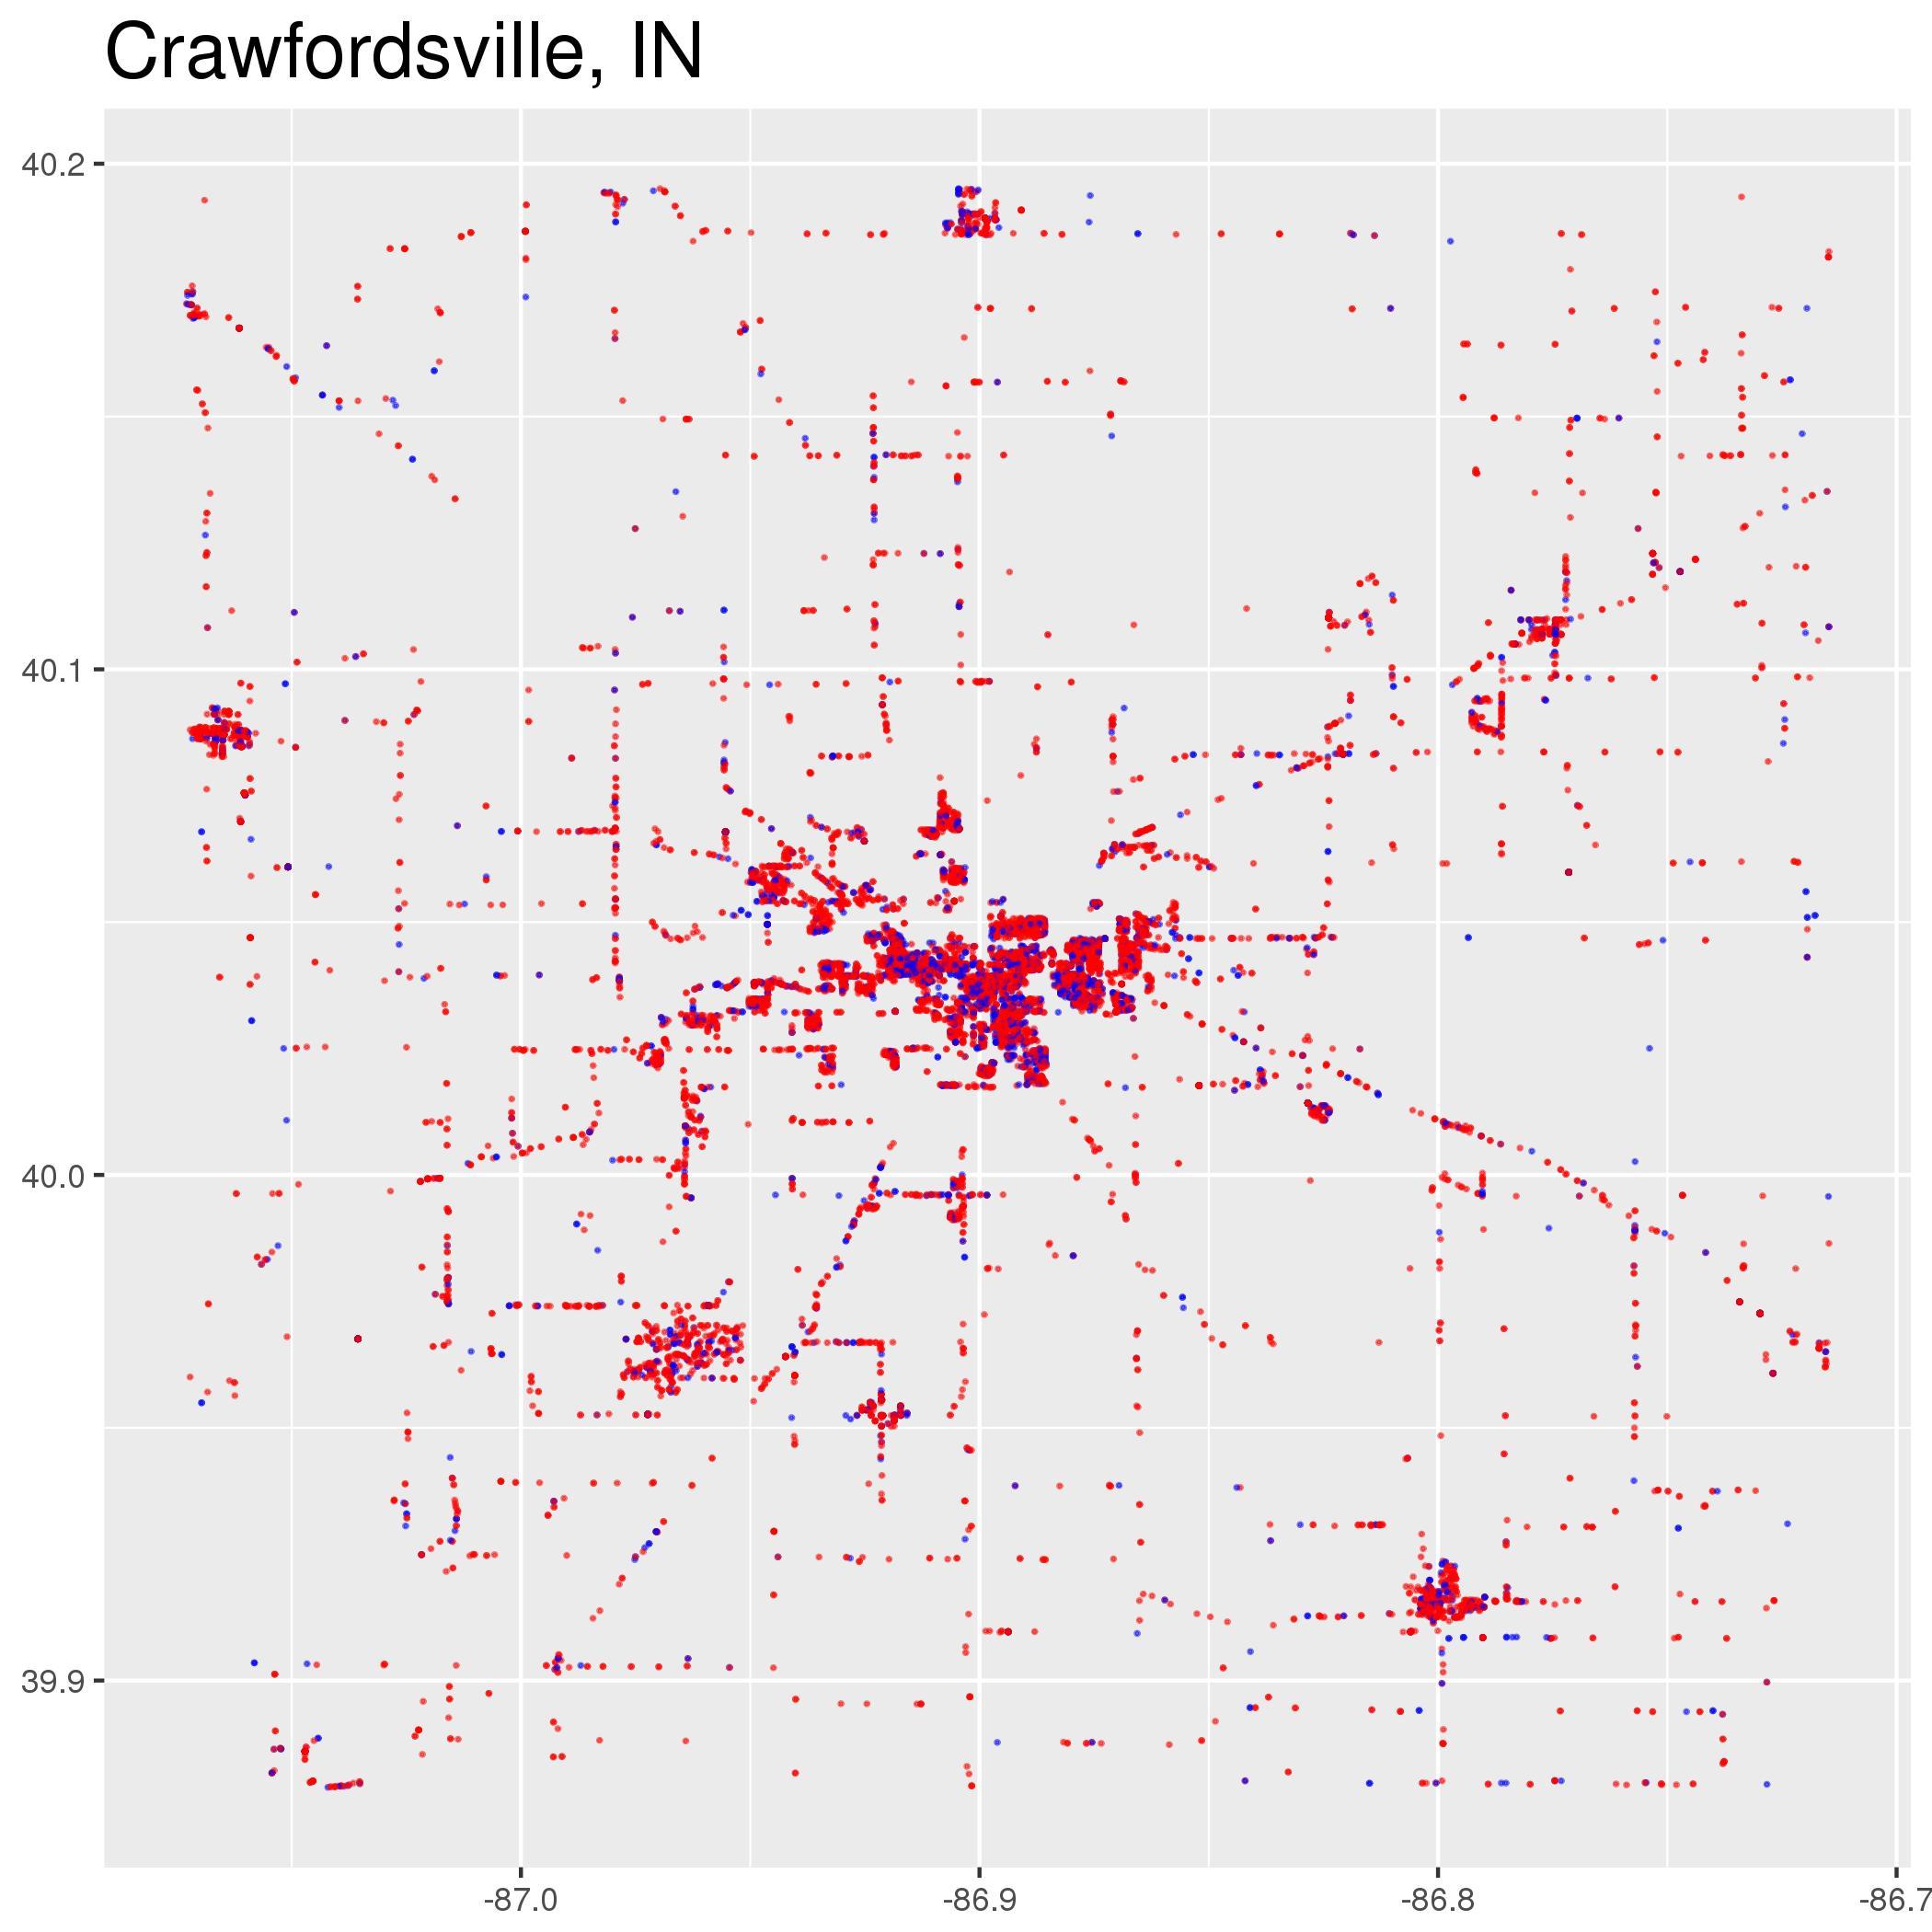 CrawfordsvilleIN.jpeg